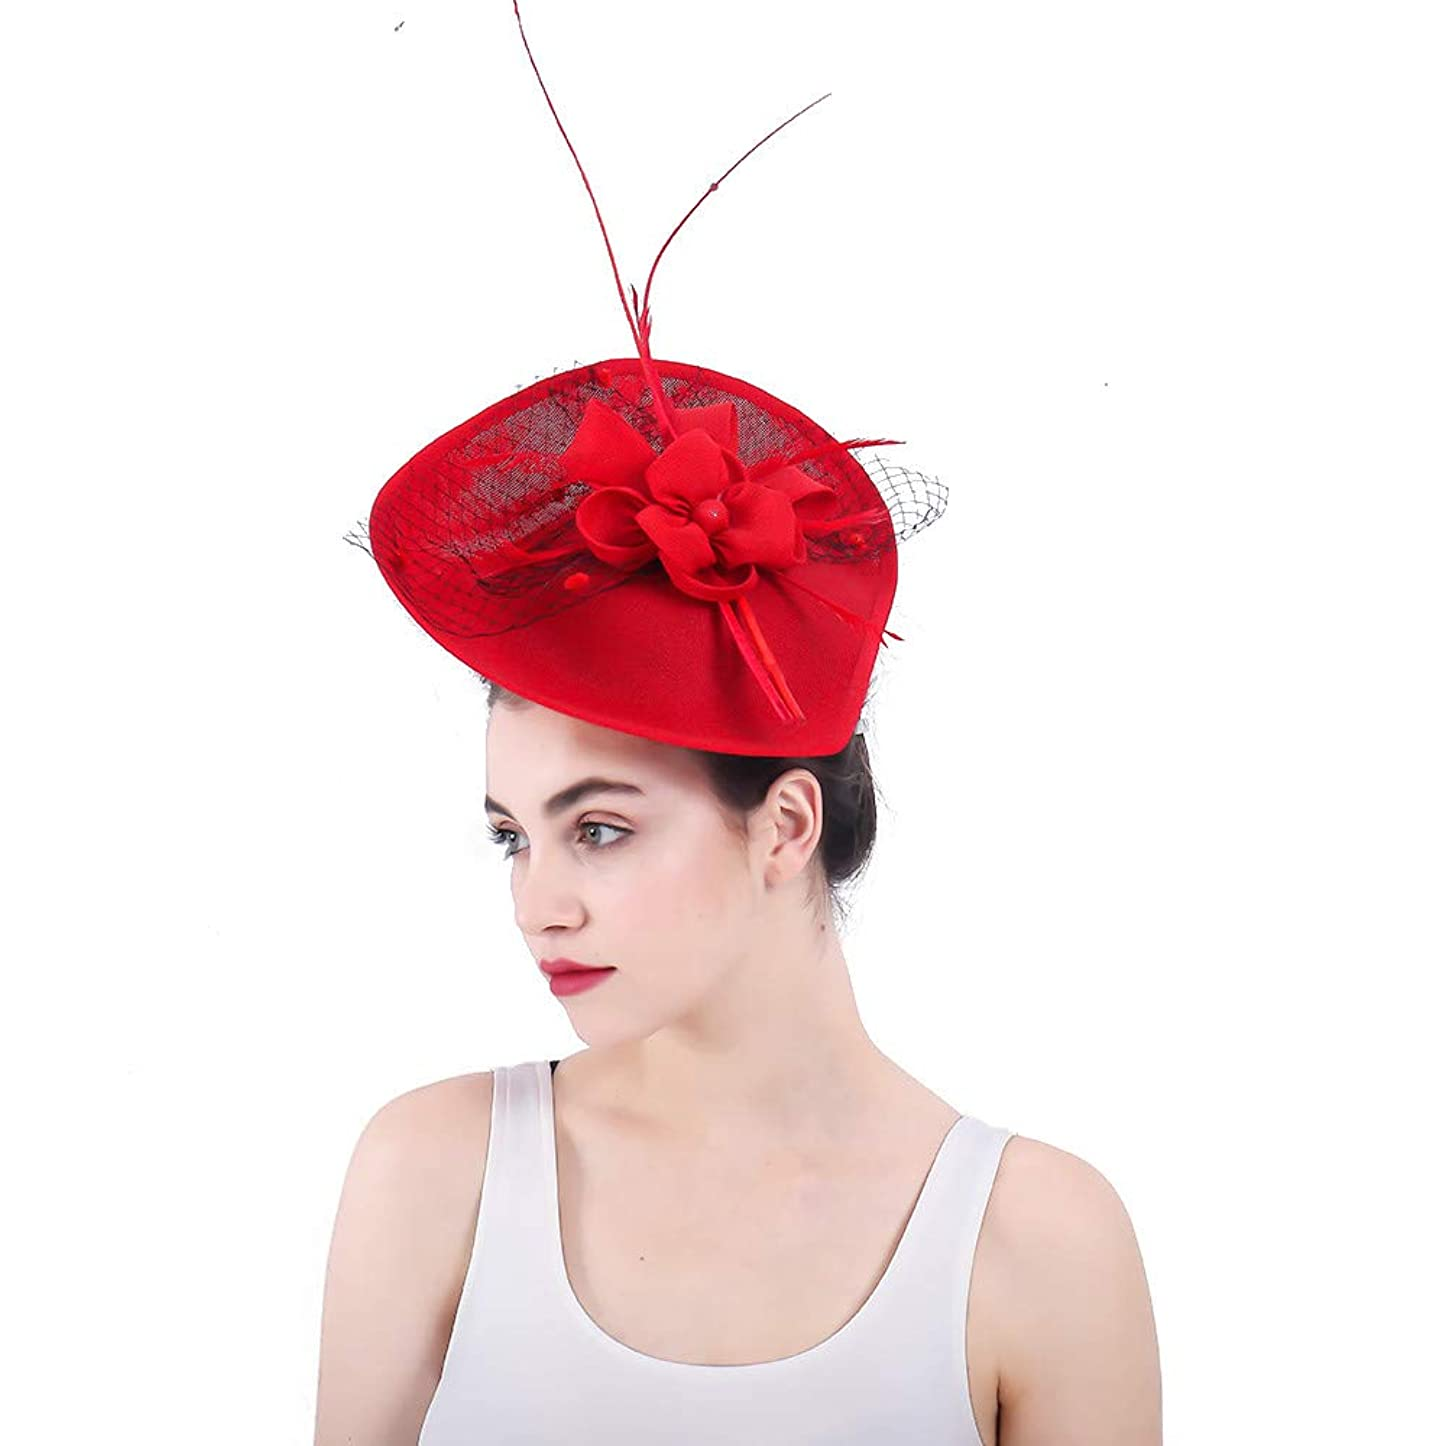 仲間、同僚国旗サロン女性の魅力的な帽子 女性のエレガントな魅惑的な帽子ブライダルレッドフェザーヘアクリップアクセサリーカクテルロイヤルアスコット